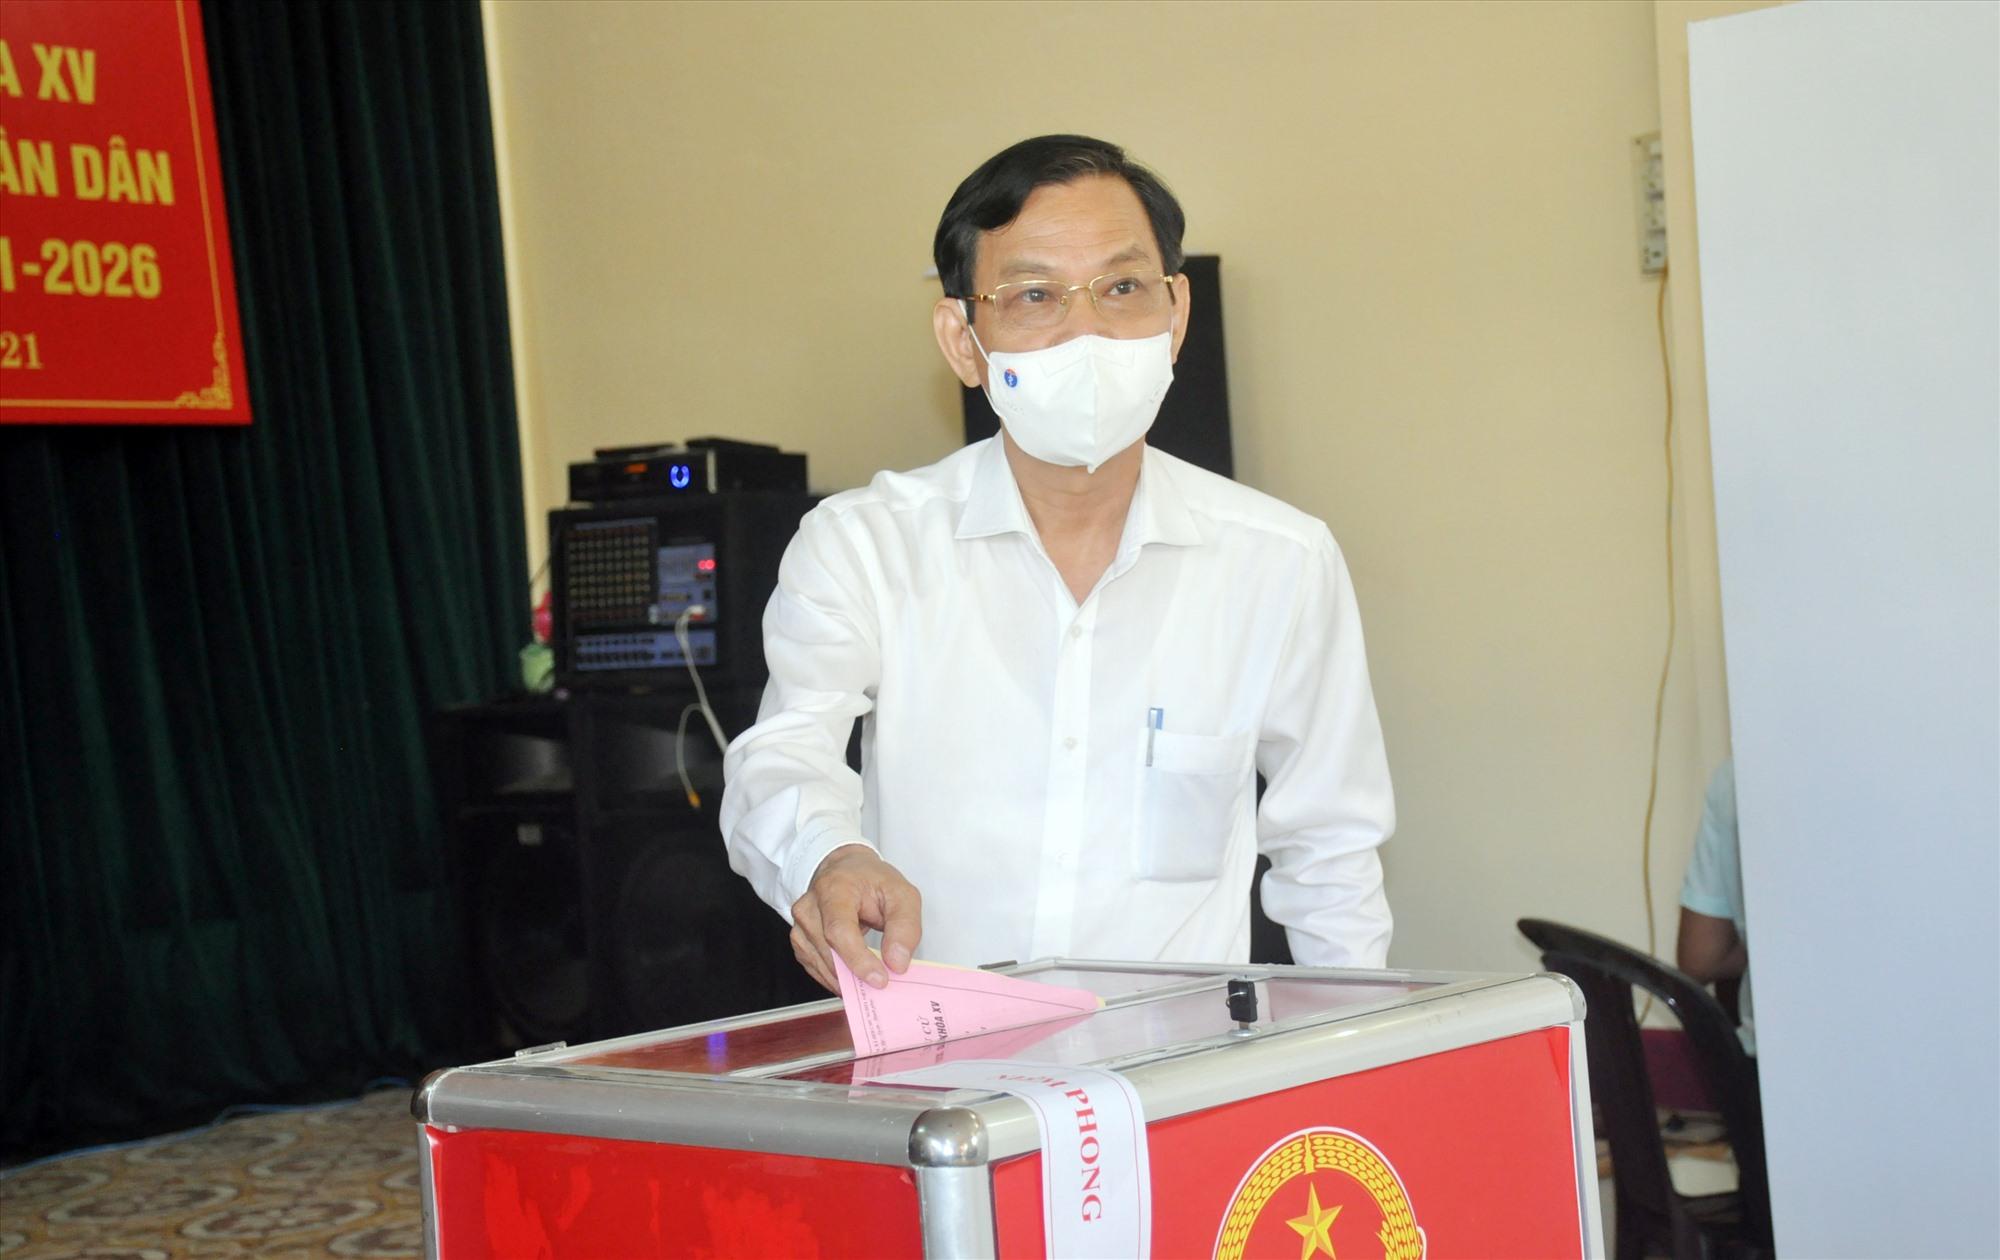 Đồng chí Nguyễn Chín - đại diện lãnh đạo tỉnh bỏ lá phiếu đầu tiên.